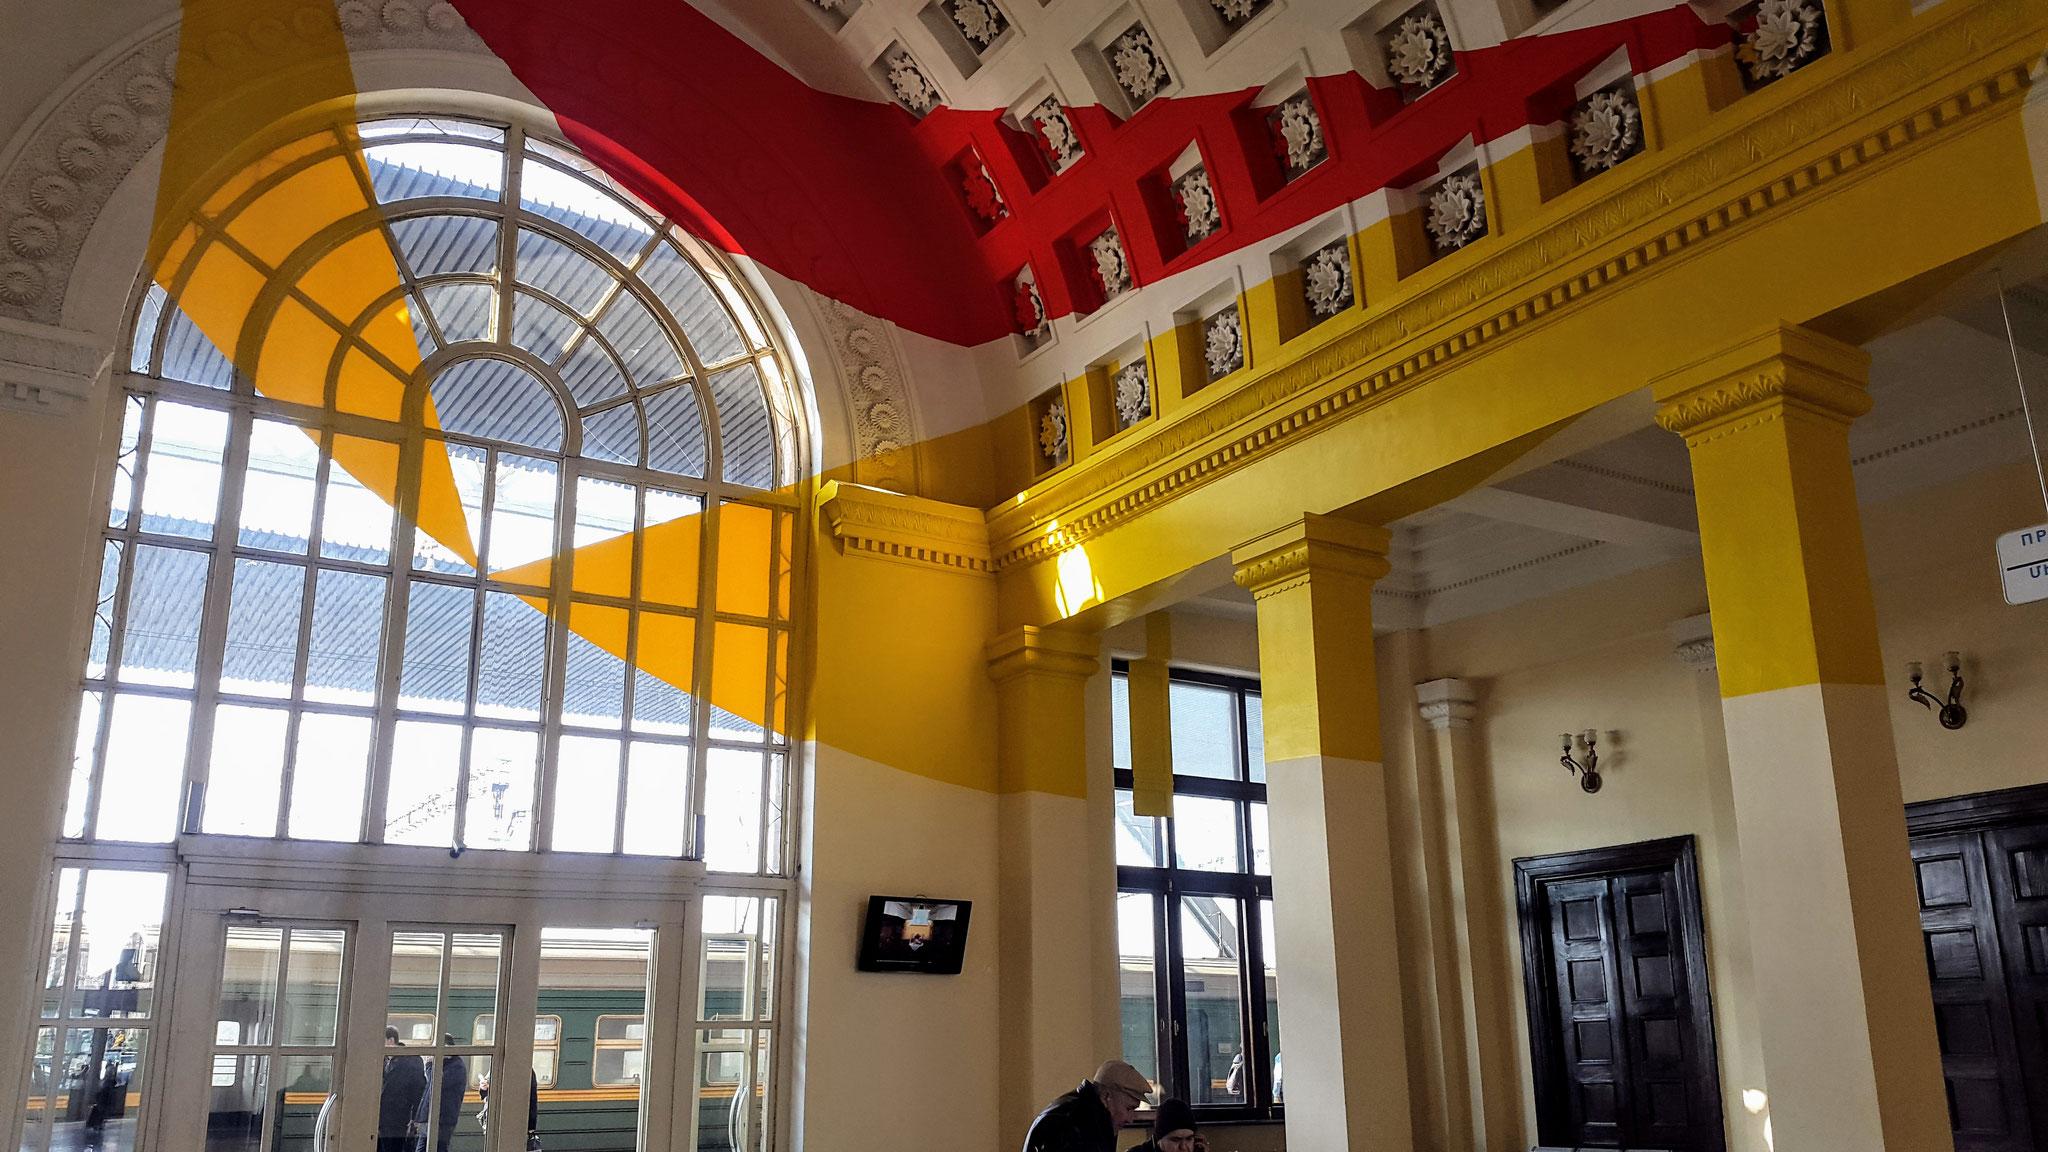 Moderne Kunst im Bahnhof von Yerevan